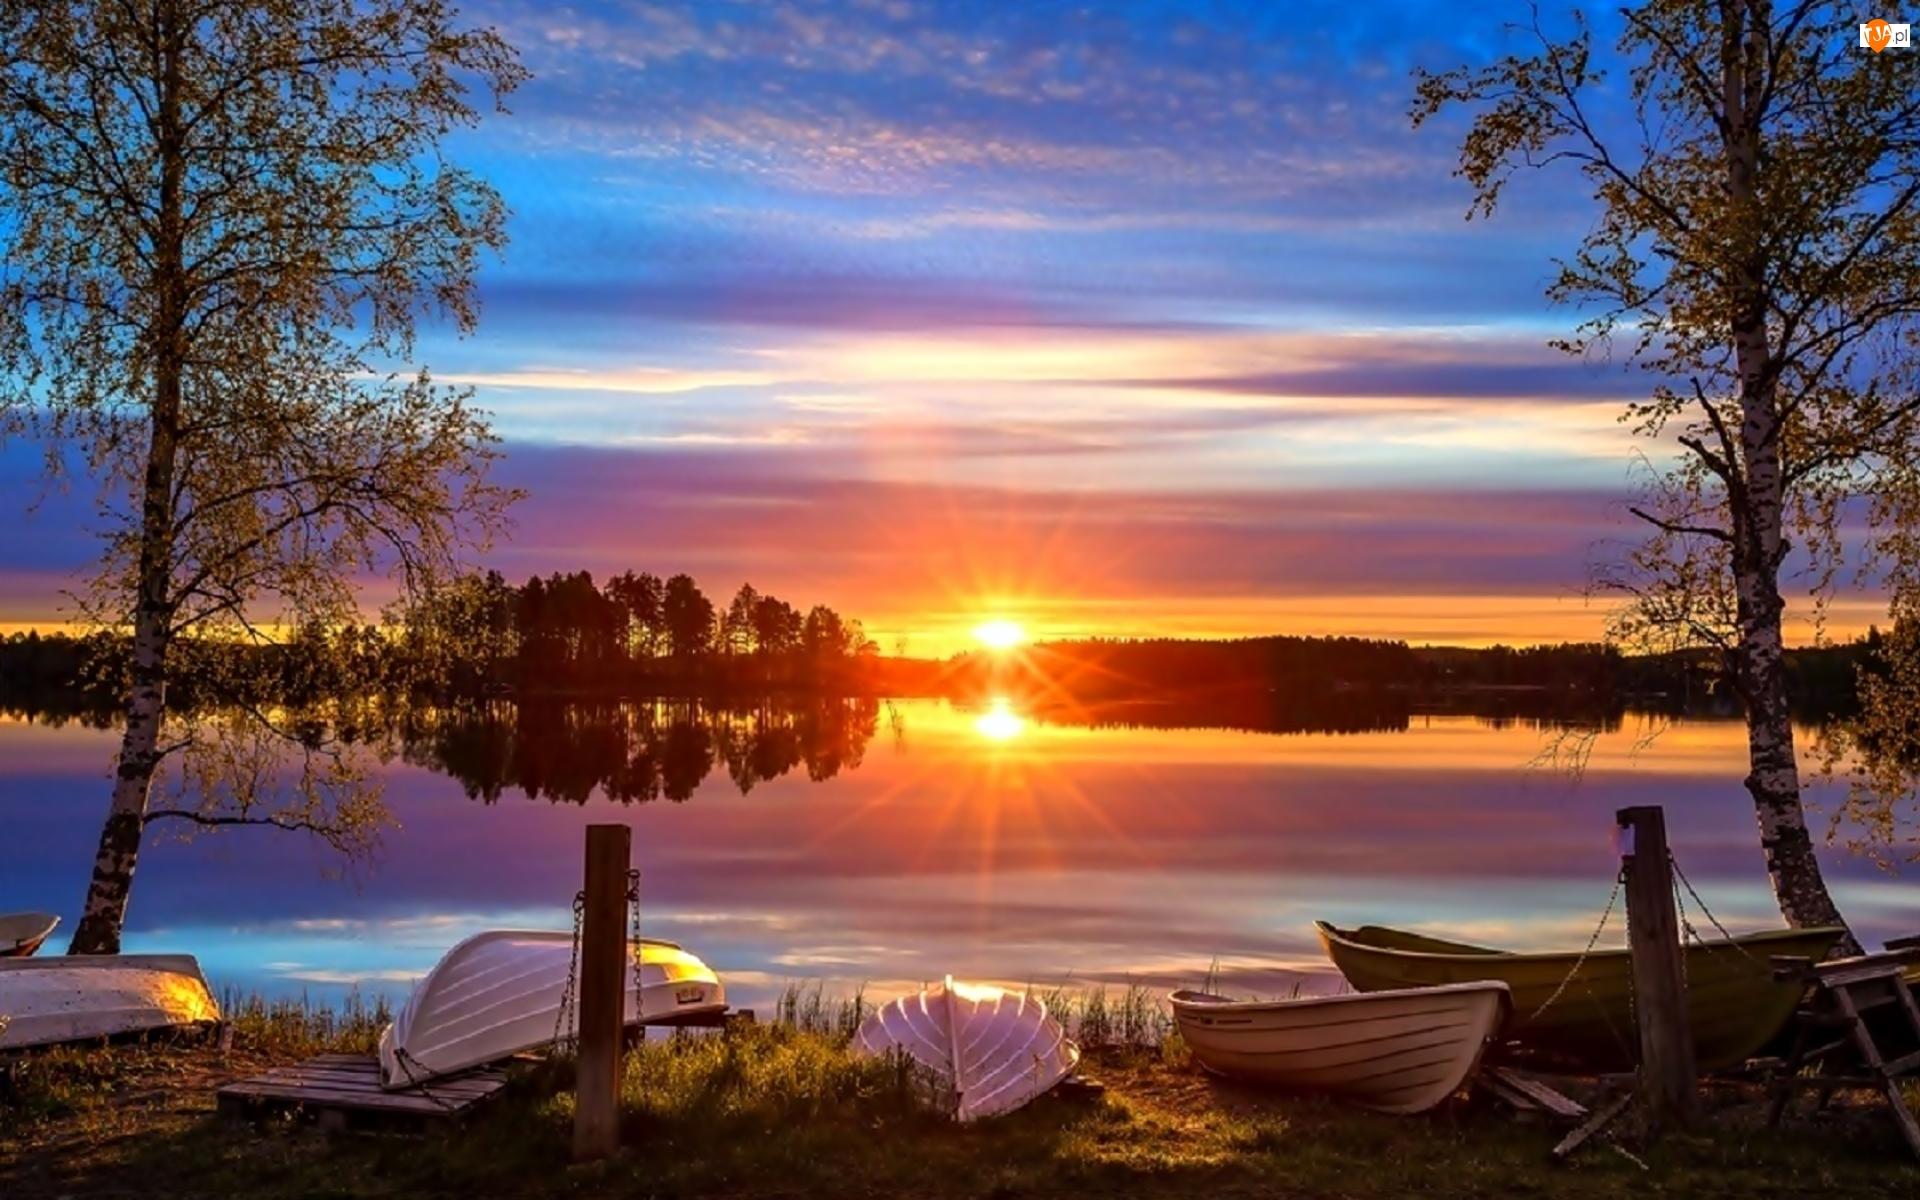 Słońca, Lasy, Łódki, Jezioro, Promienie, Brzozy, Wschód